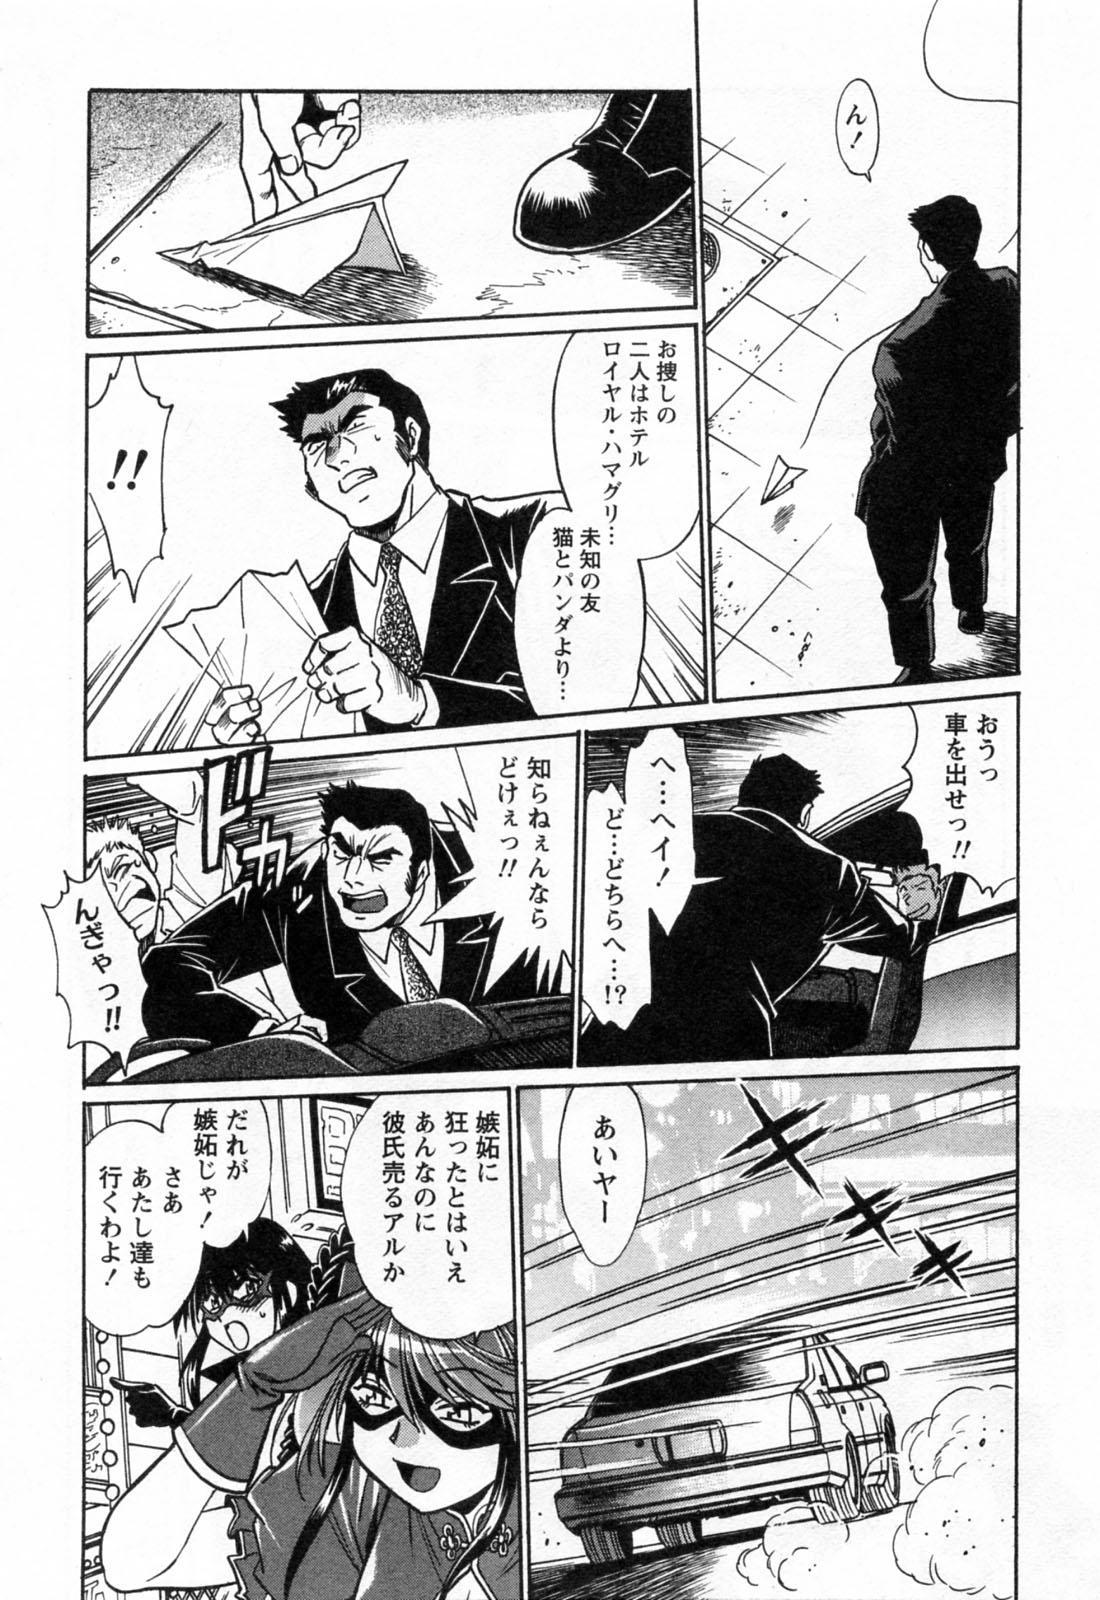 Makunouchi Deluxe 3 89